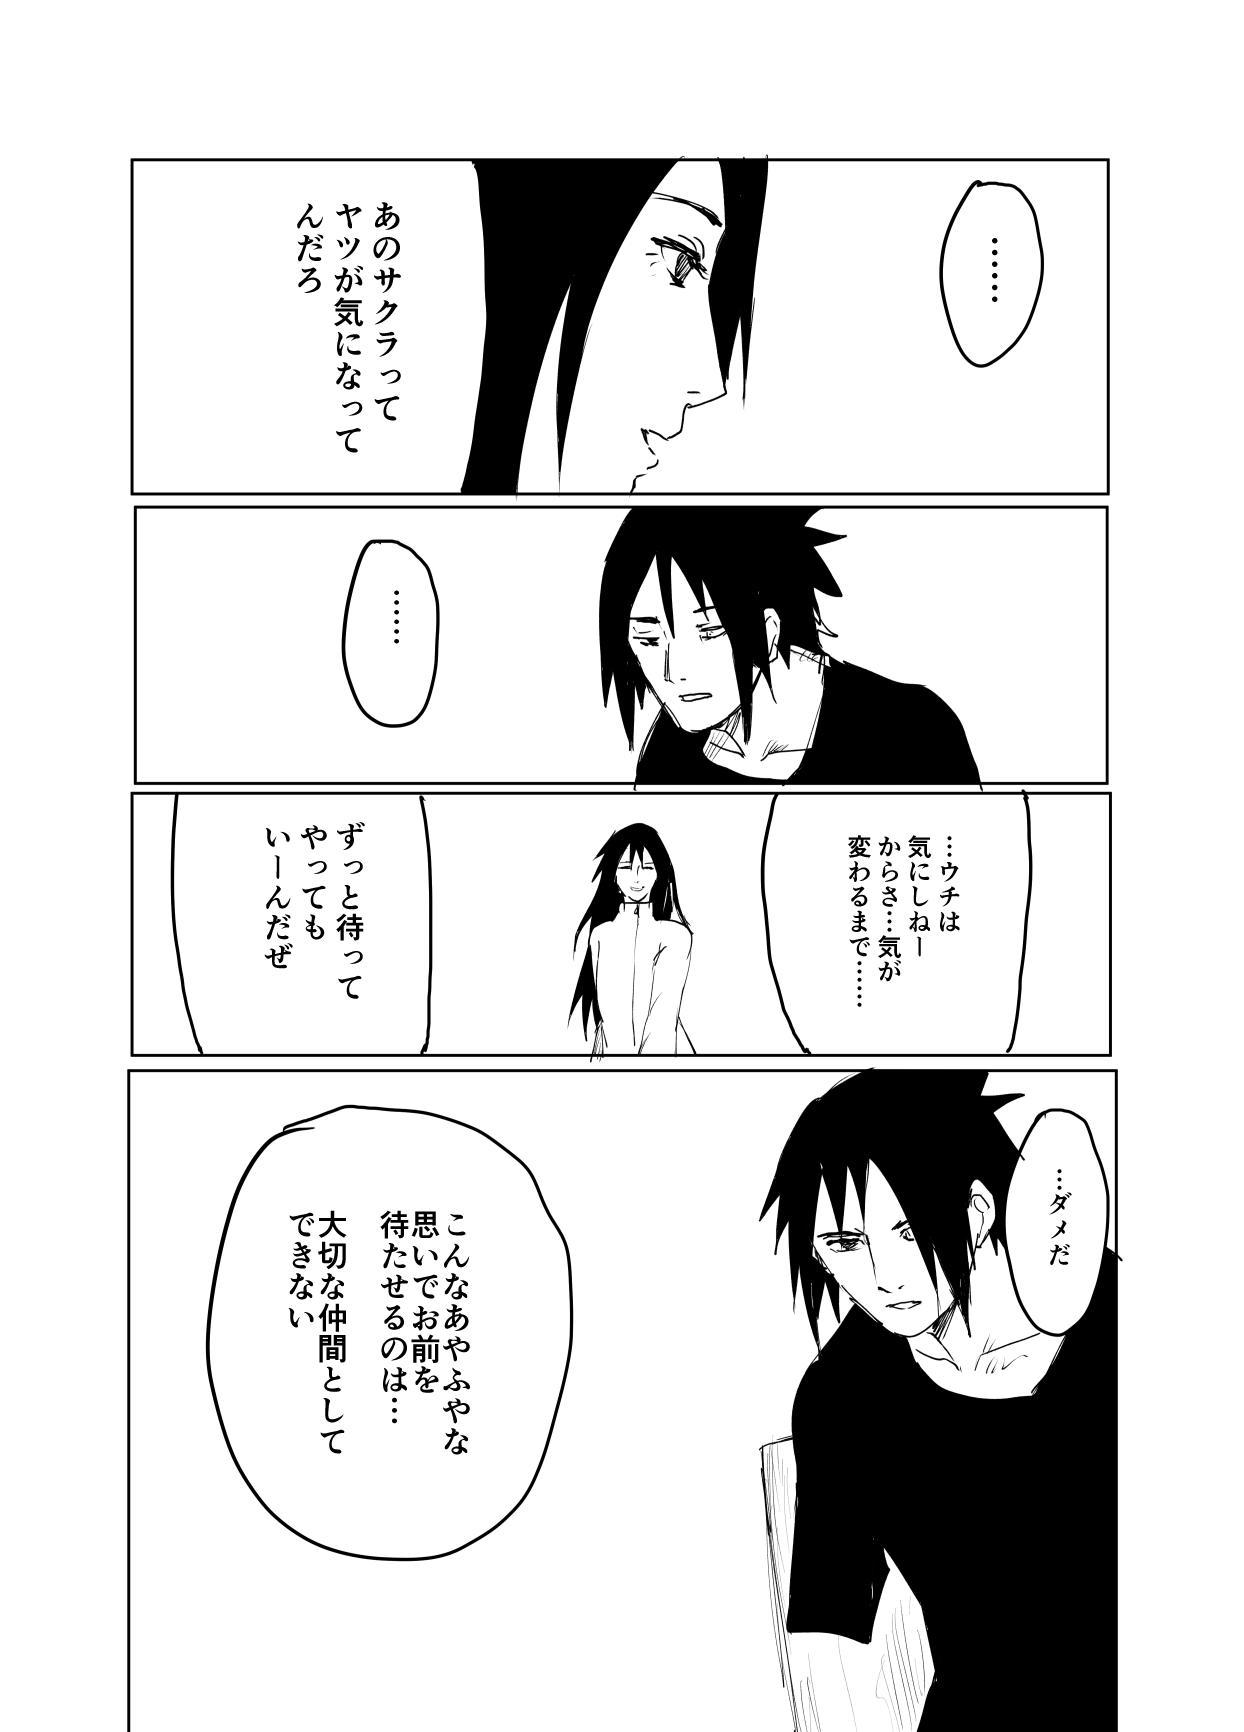 嘘告白漫画 37